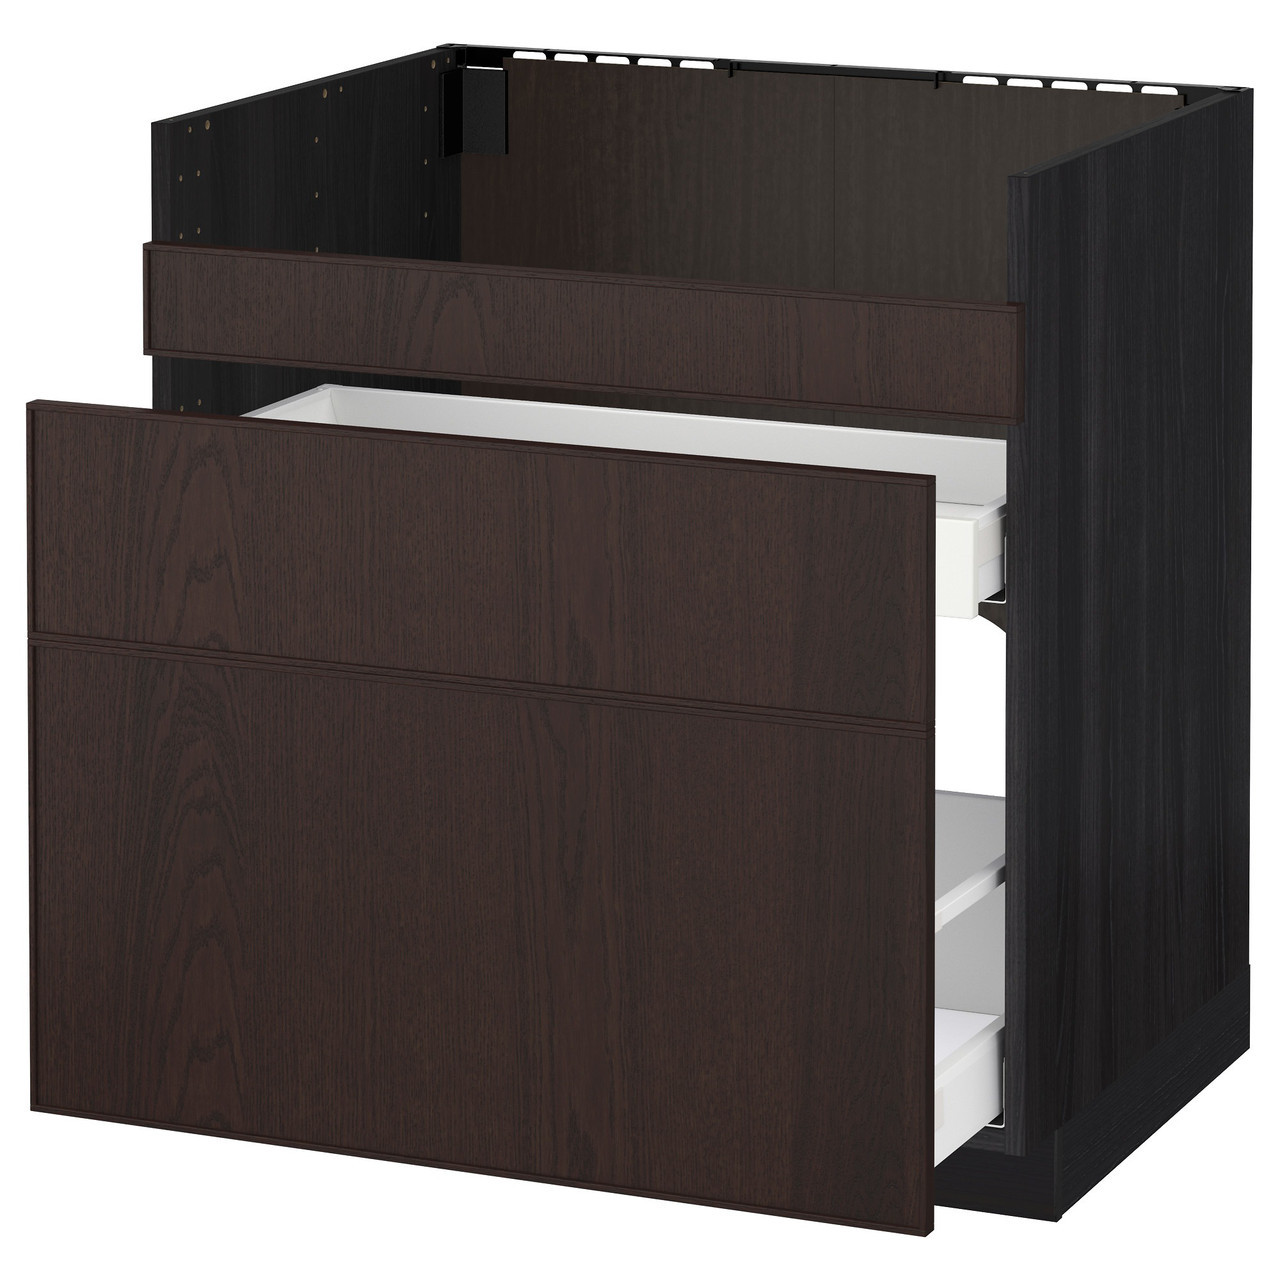 Тумба под раковину IKEA METOD HAVSEN Ekestad коричневая черная 692.805.69